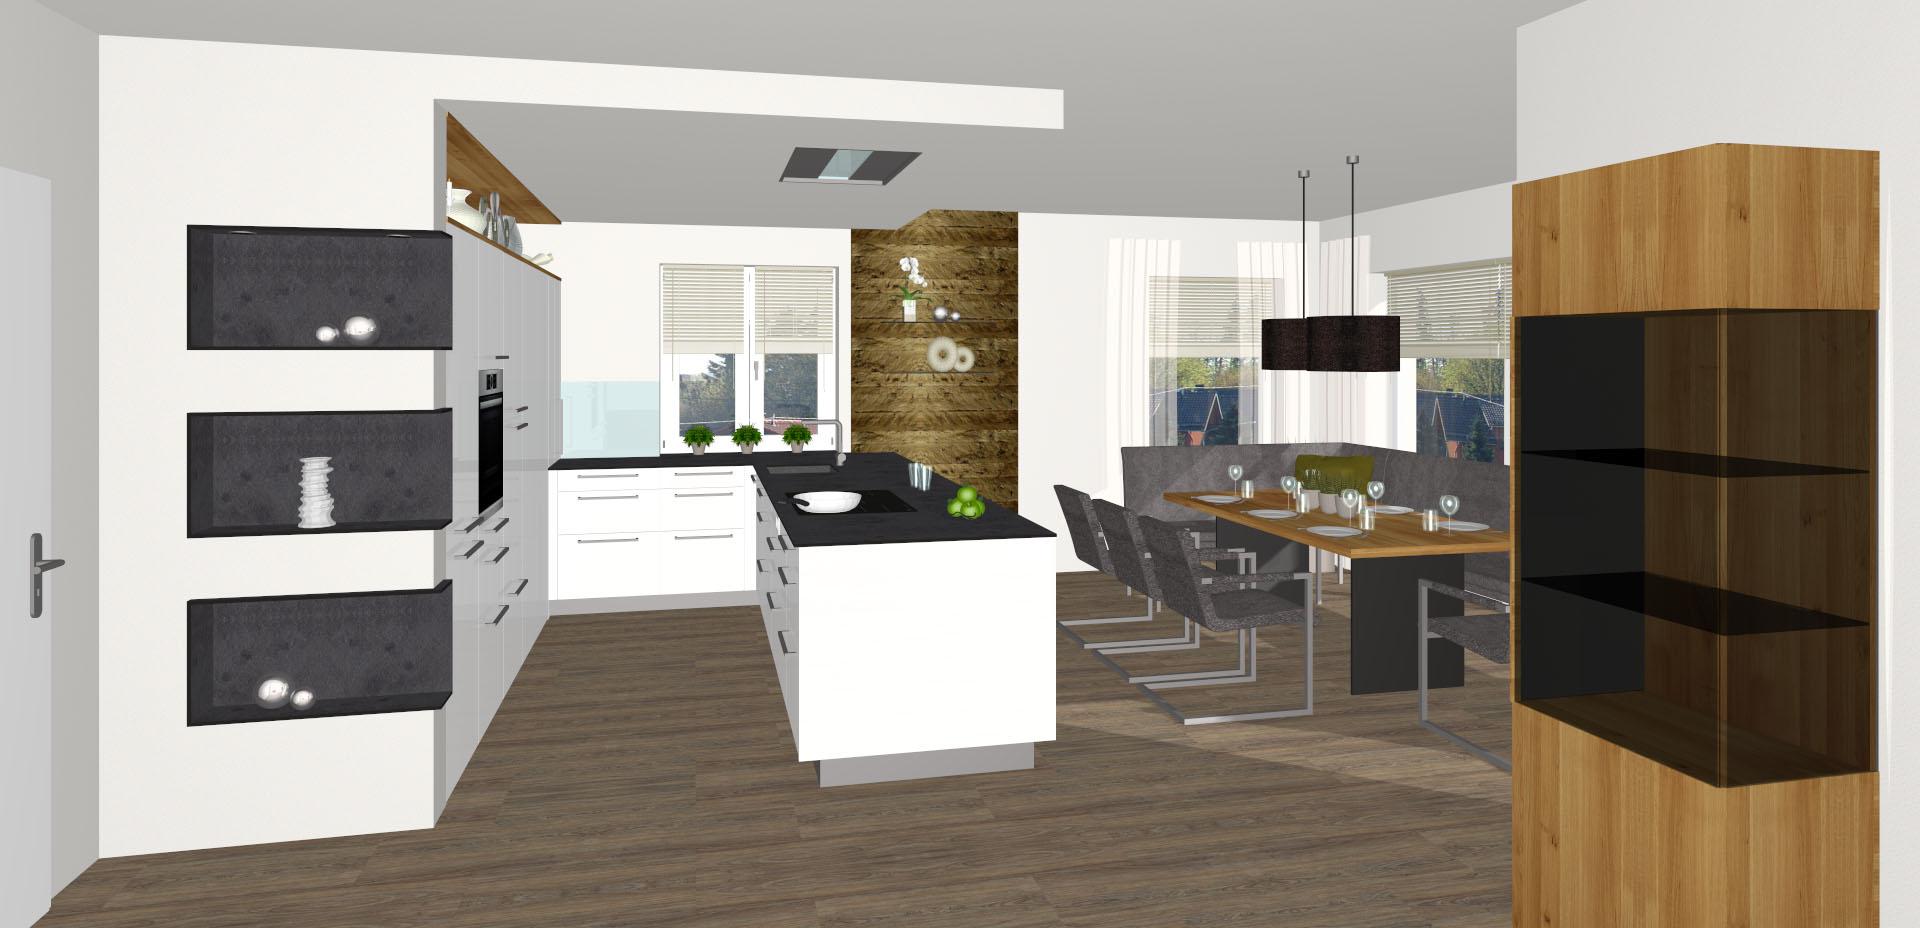 Eckbank Für Küche ist nett ideen für ihr wohnideen